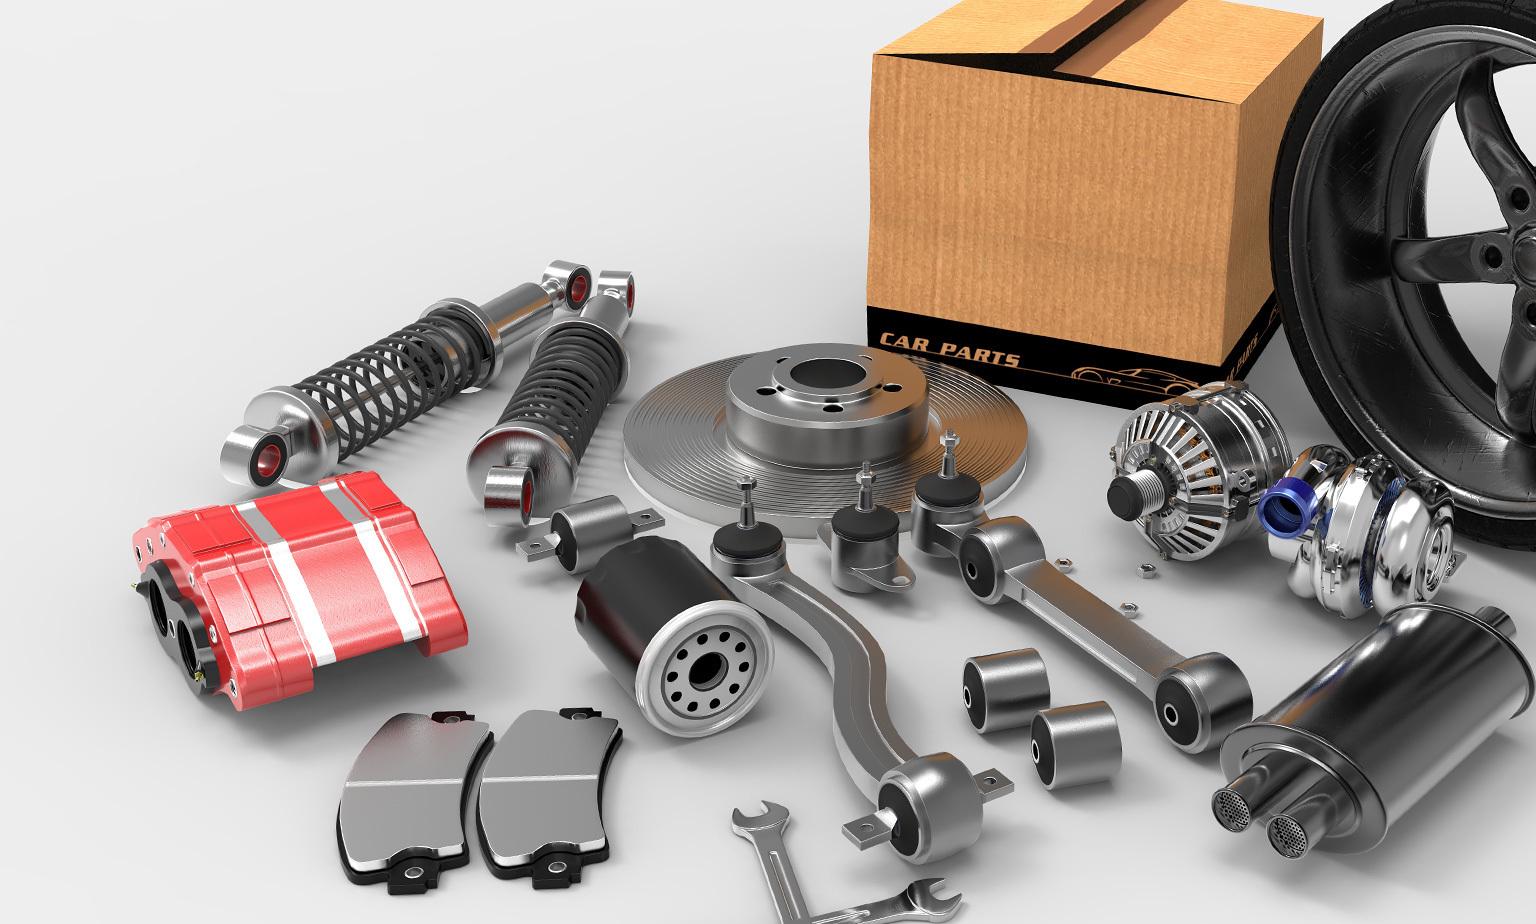 Bosch-Autoteile sogar -50% ggü. UVP